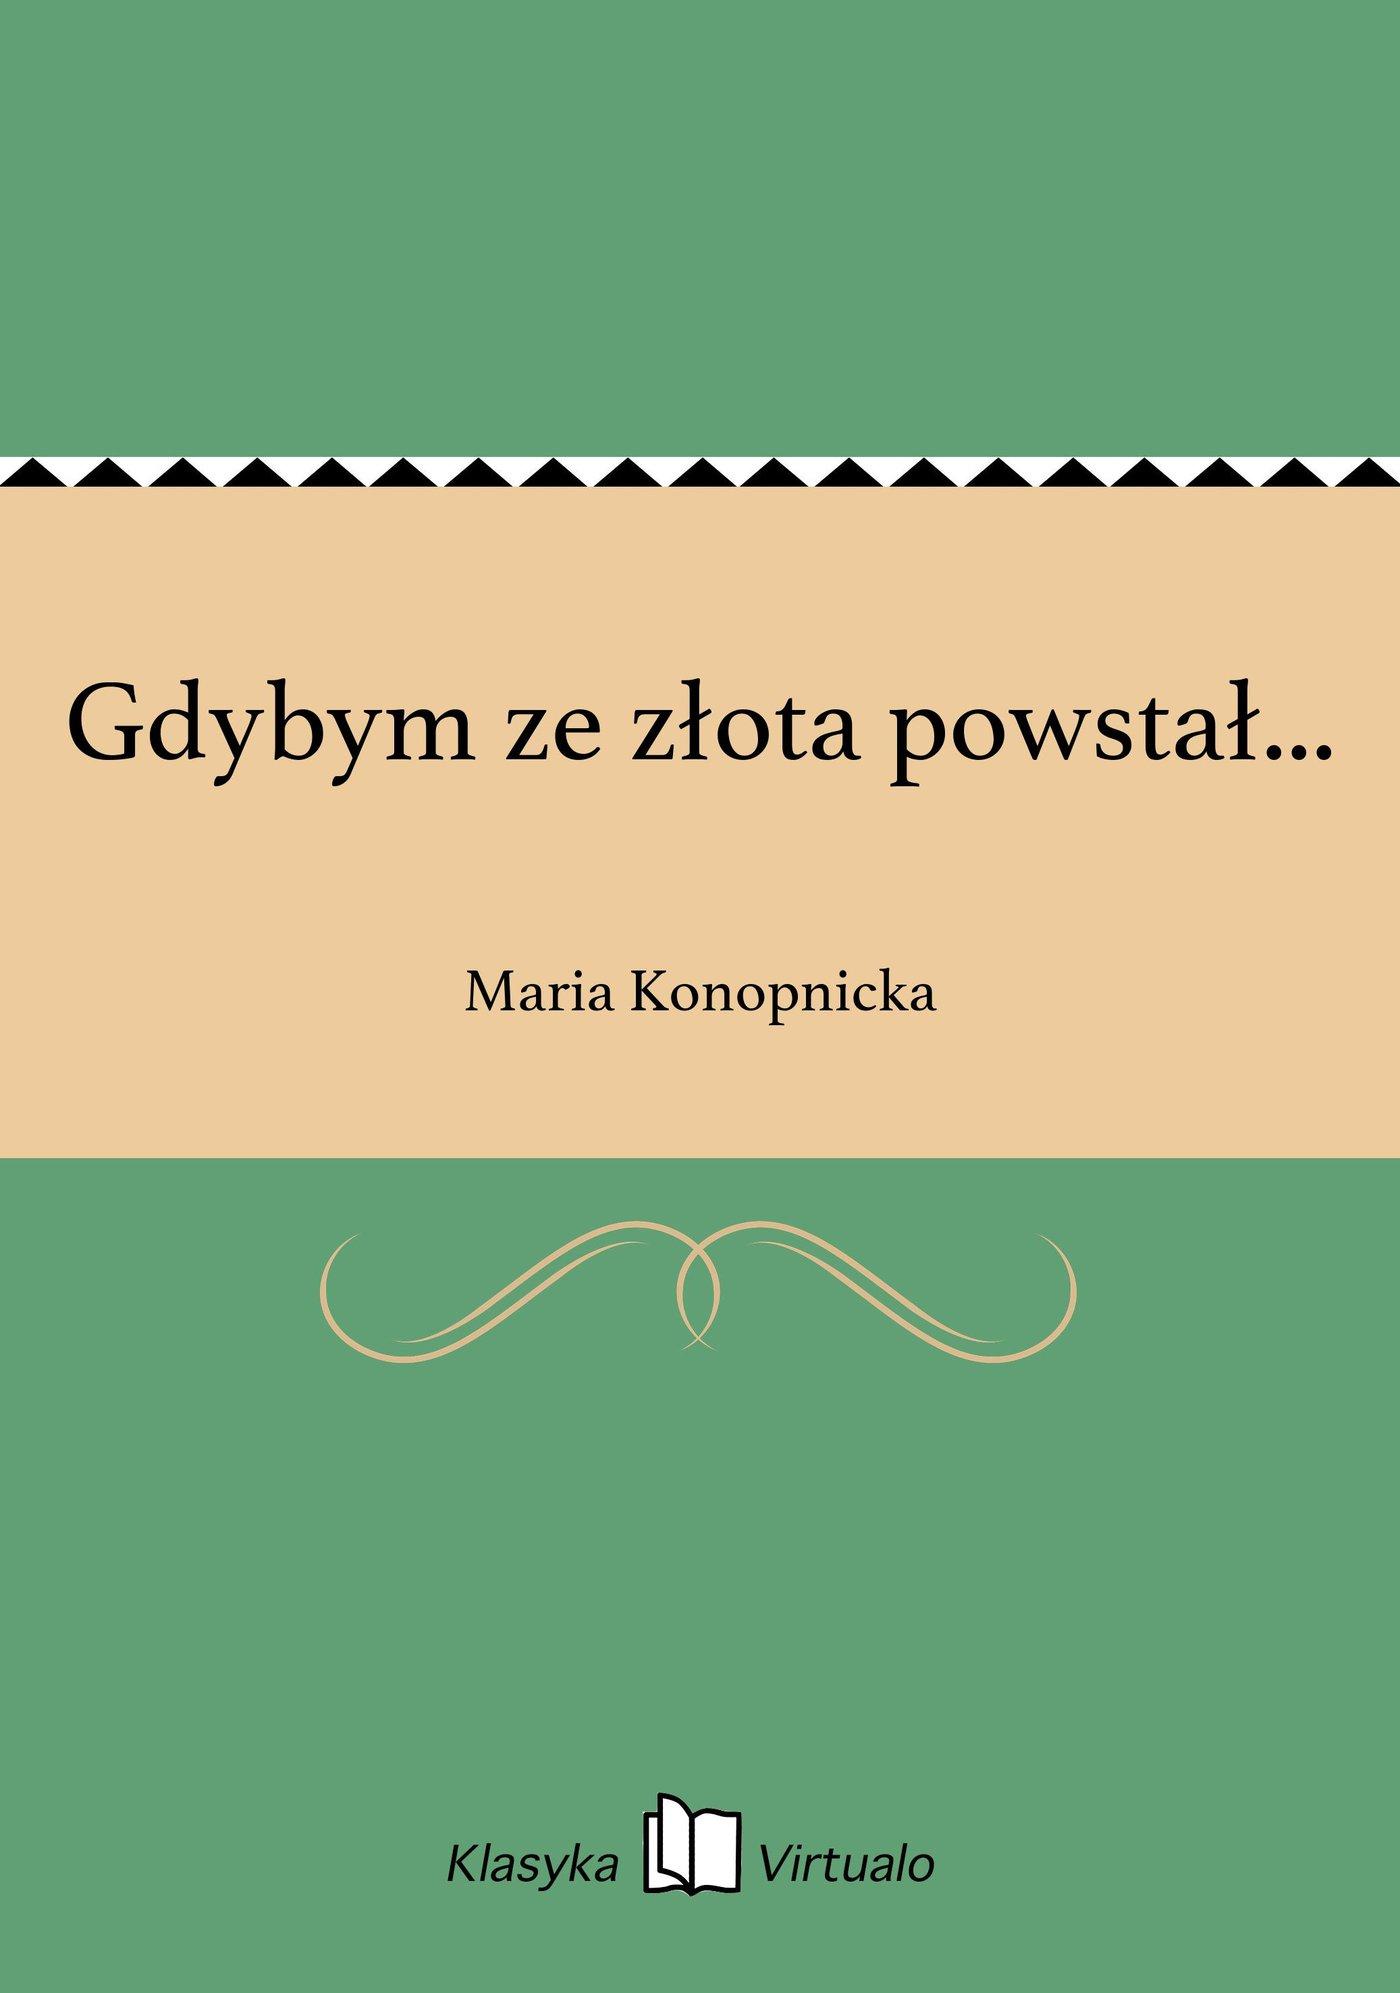 Gdybym ze złota powstał... - Ebook (Książka EPUB) do pobrania w formacie EPUB